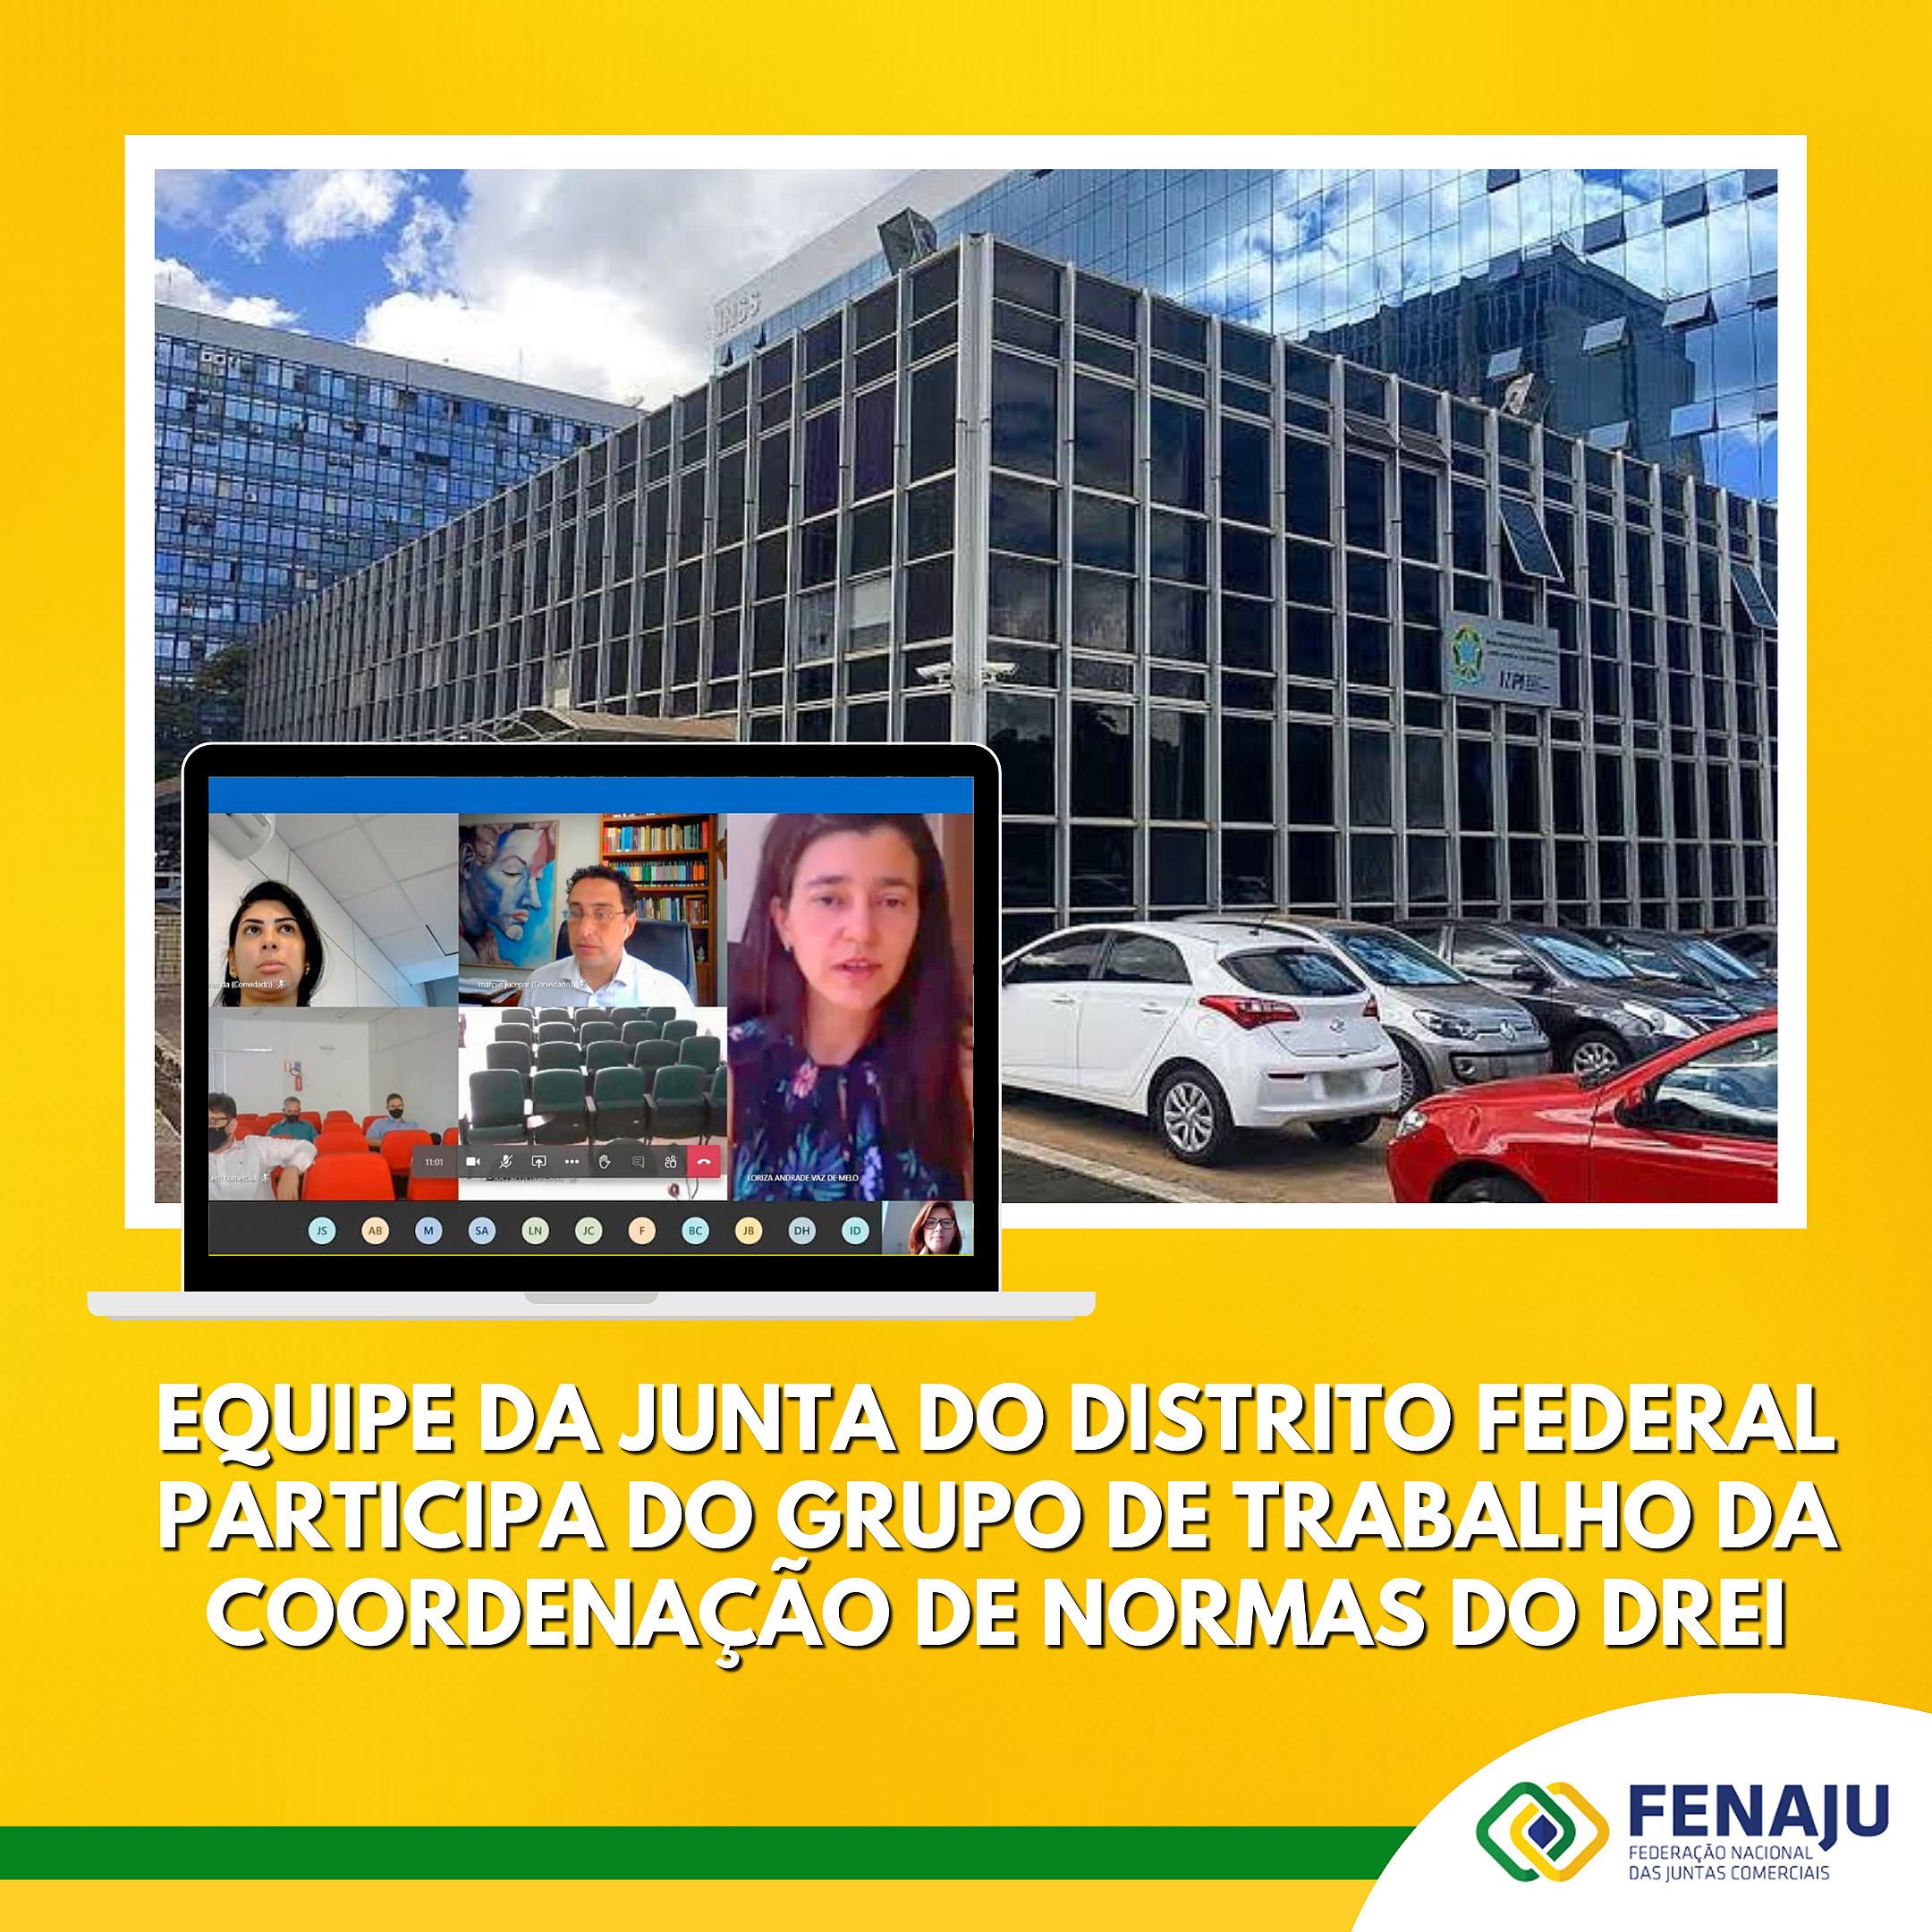 Equipe da Junta do Distrito Federal participa do Grupo de trabalho da coordenação de Normas do DREI